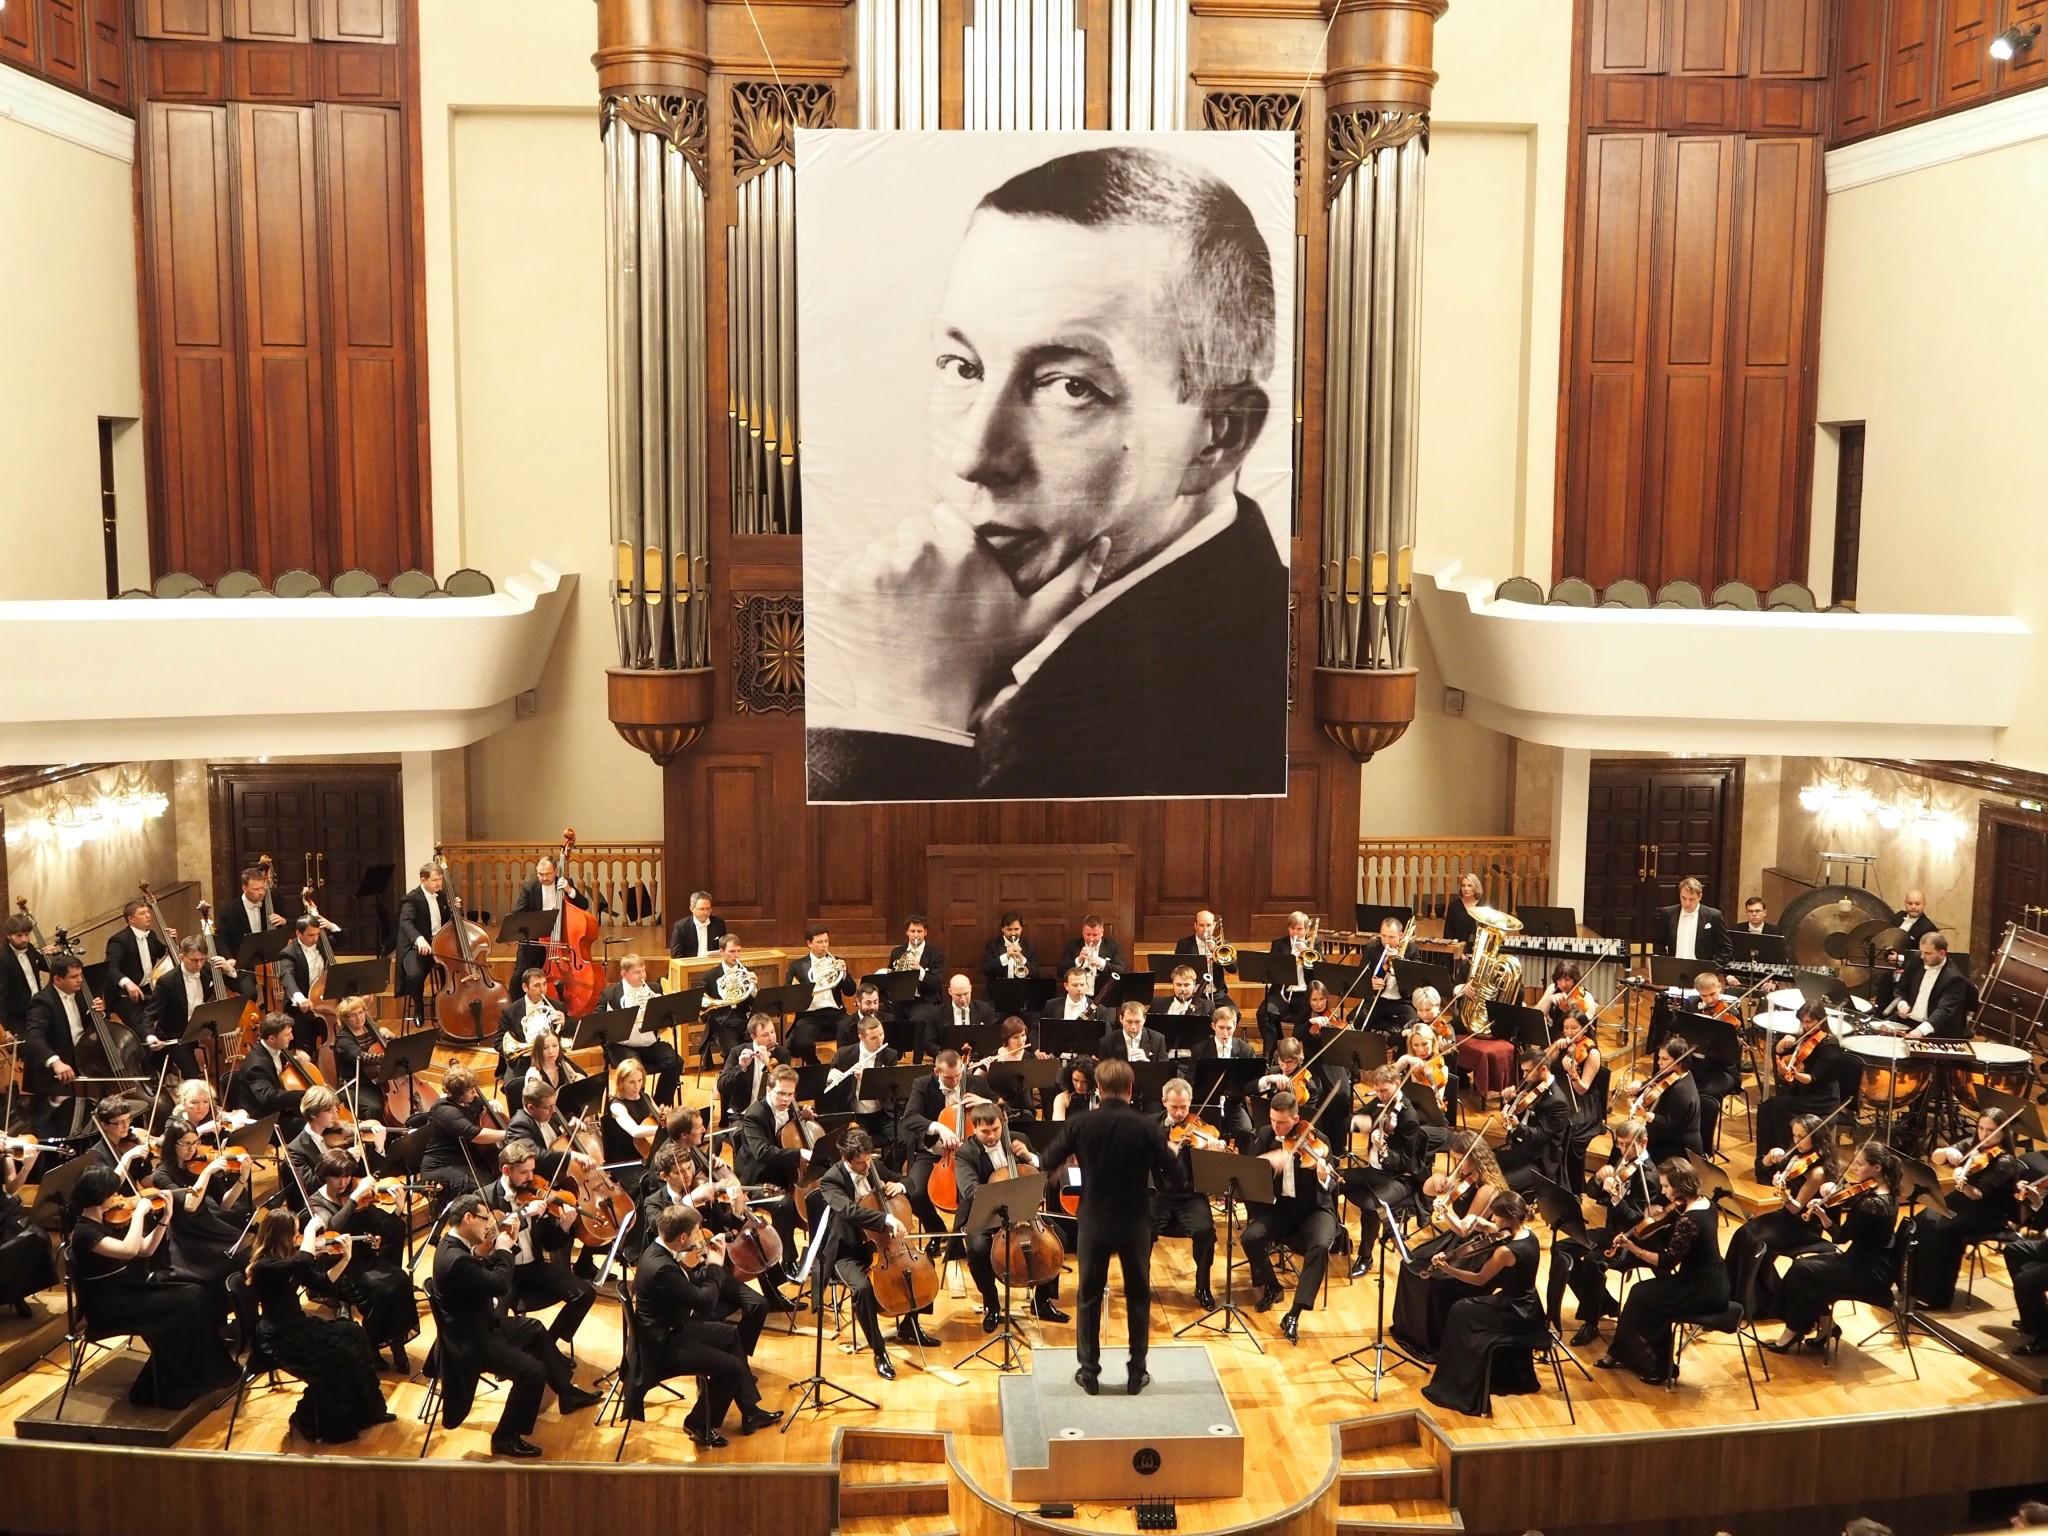 Kazan symphony orchestra